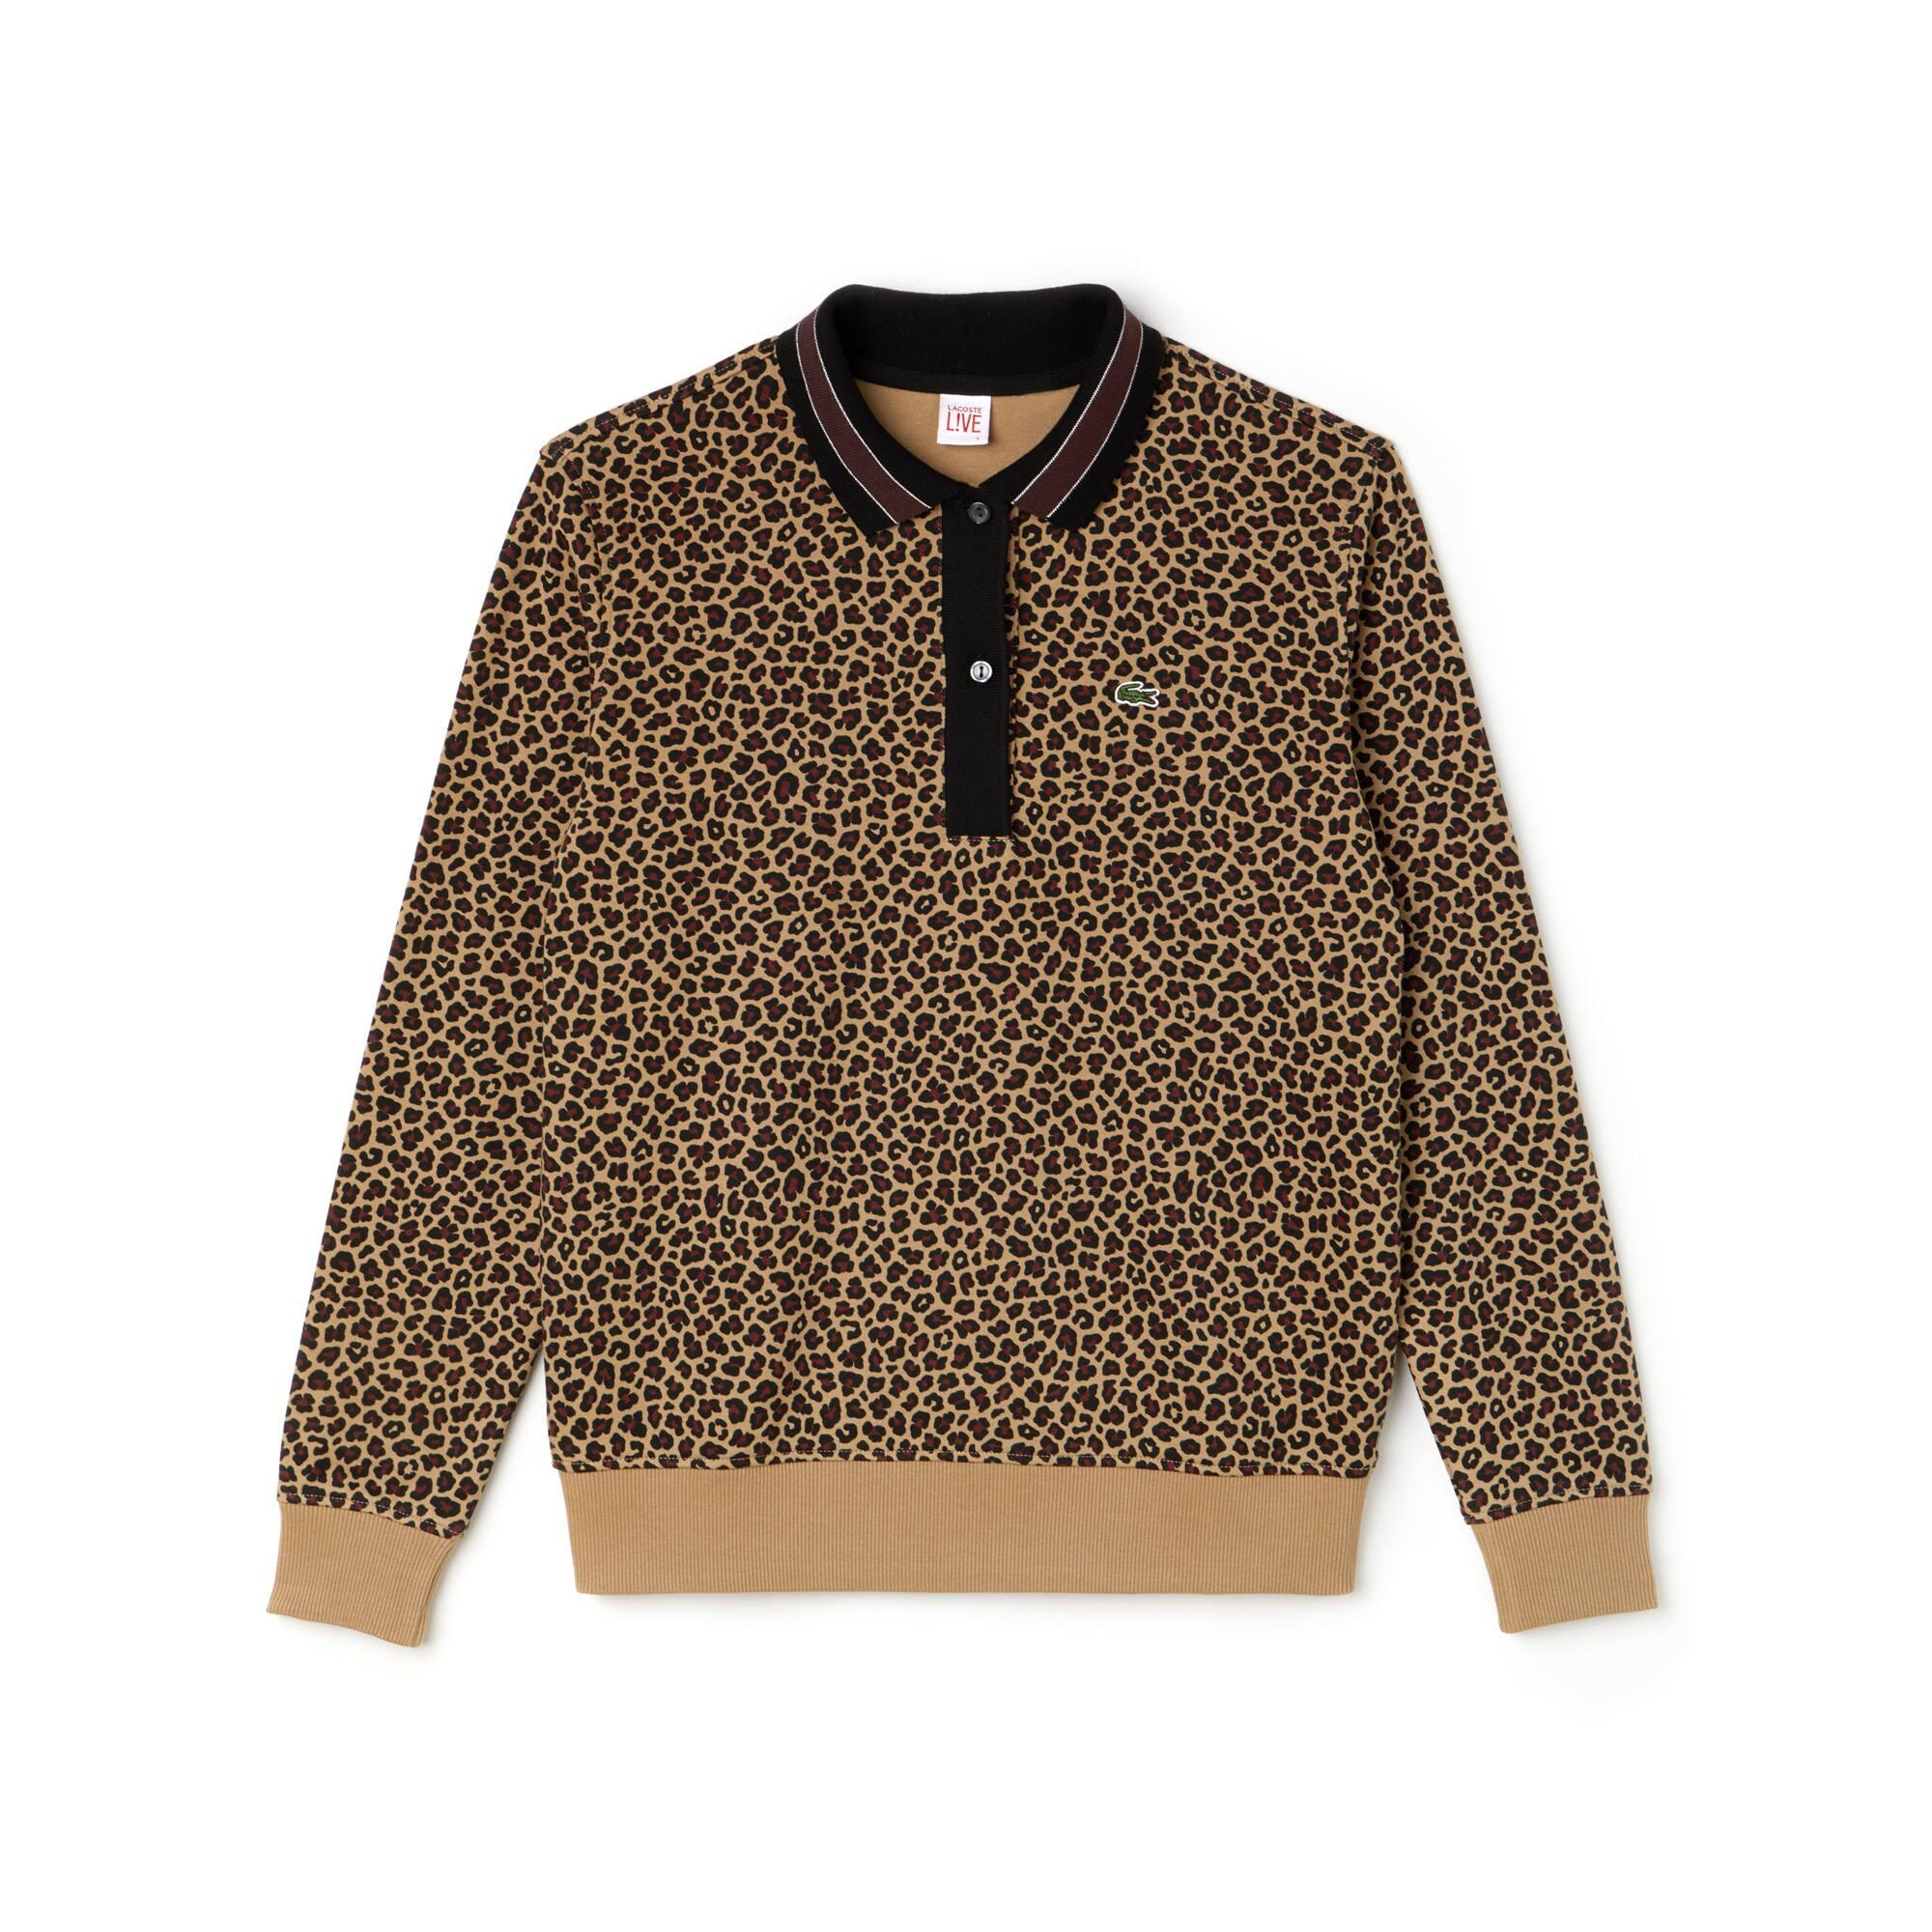 Polo de mujer Lacoste LIVE boxy fit en interlock de algodón con estampado de leopardo